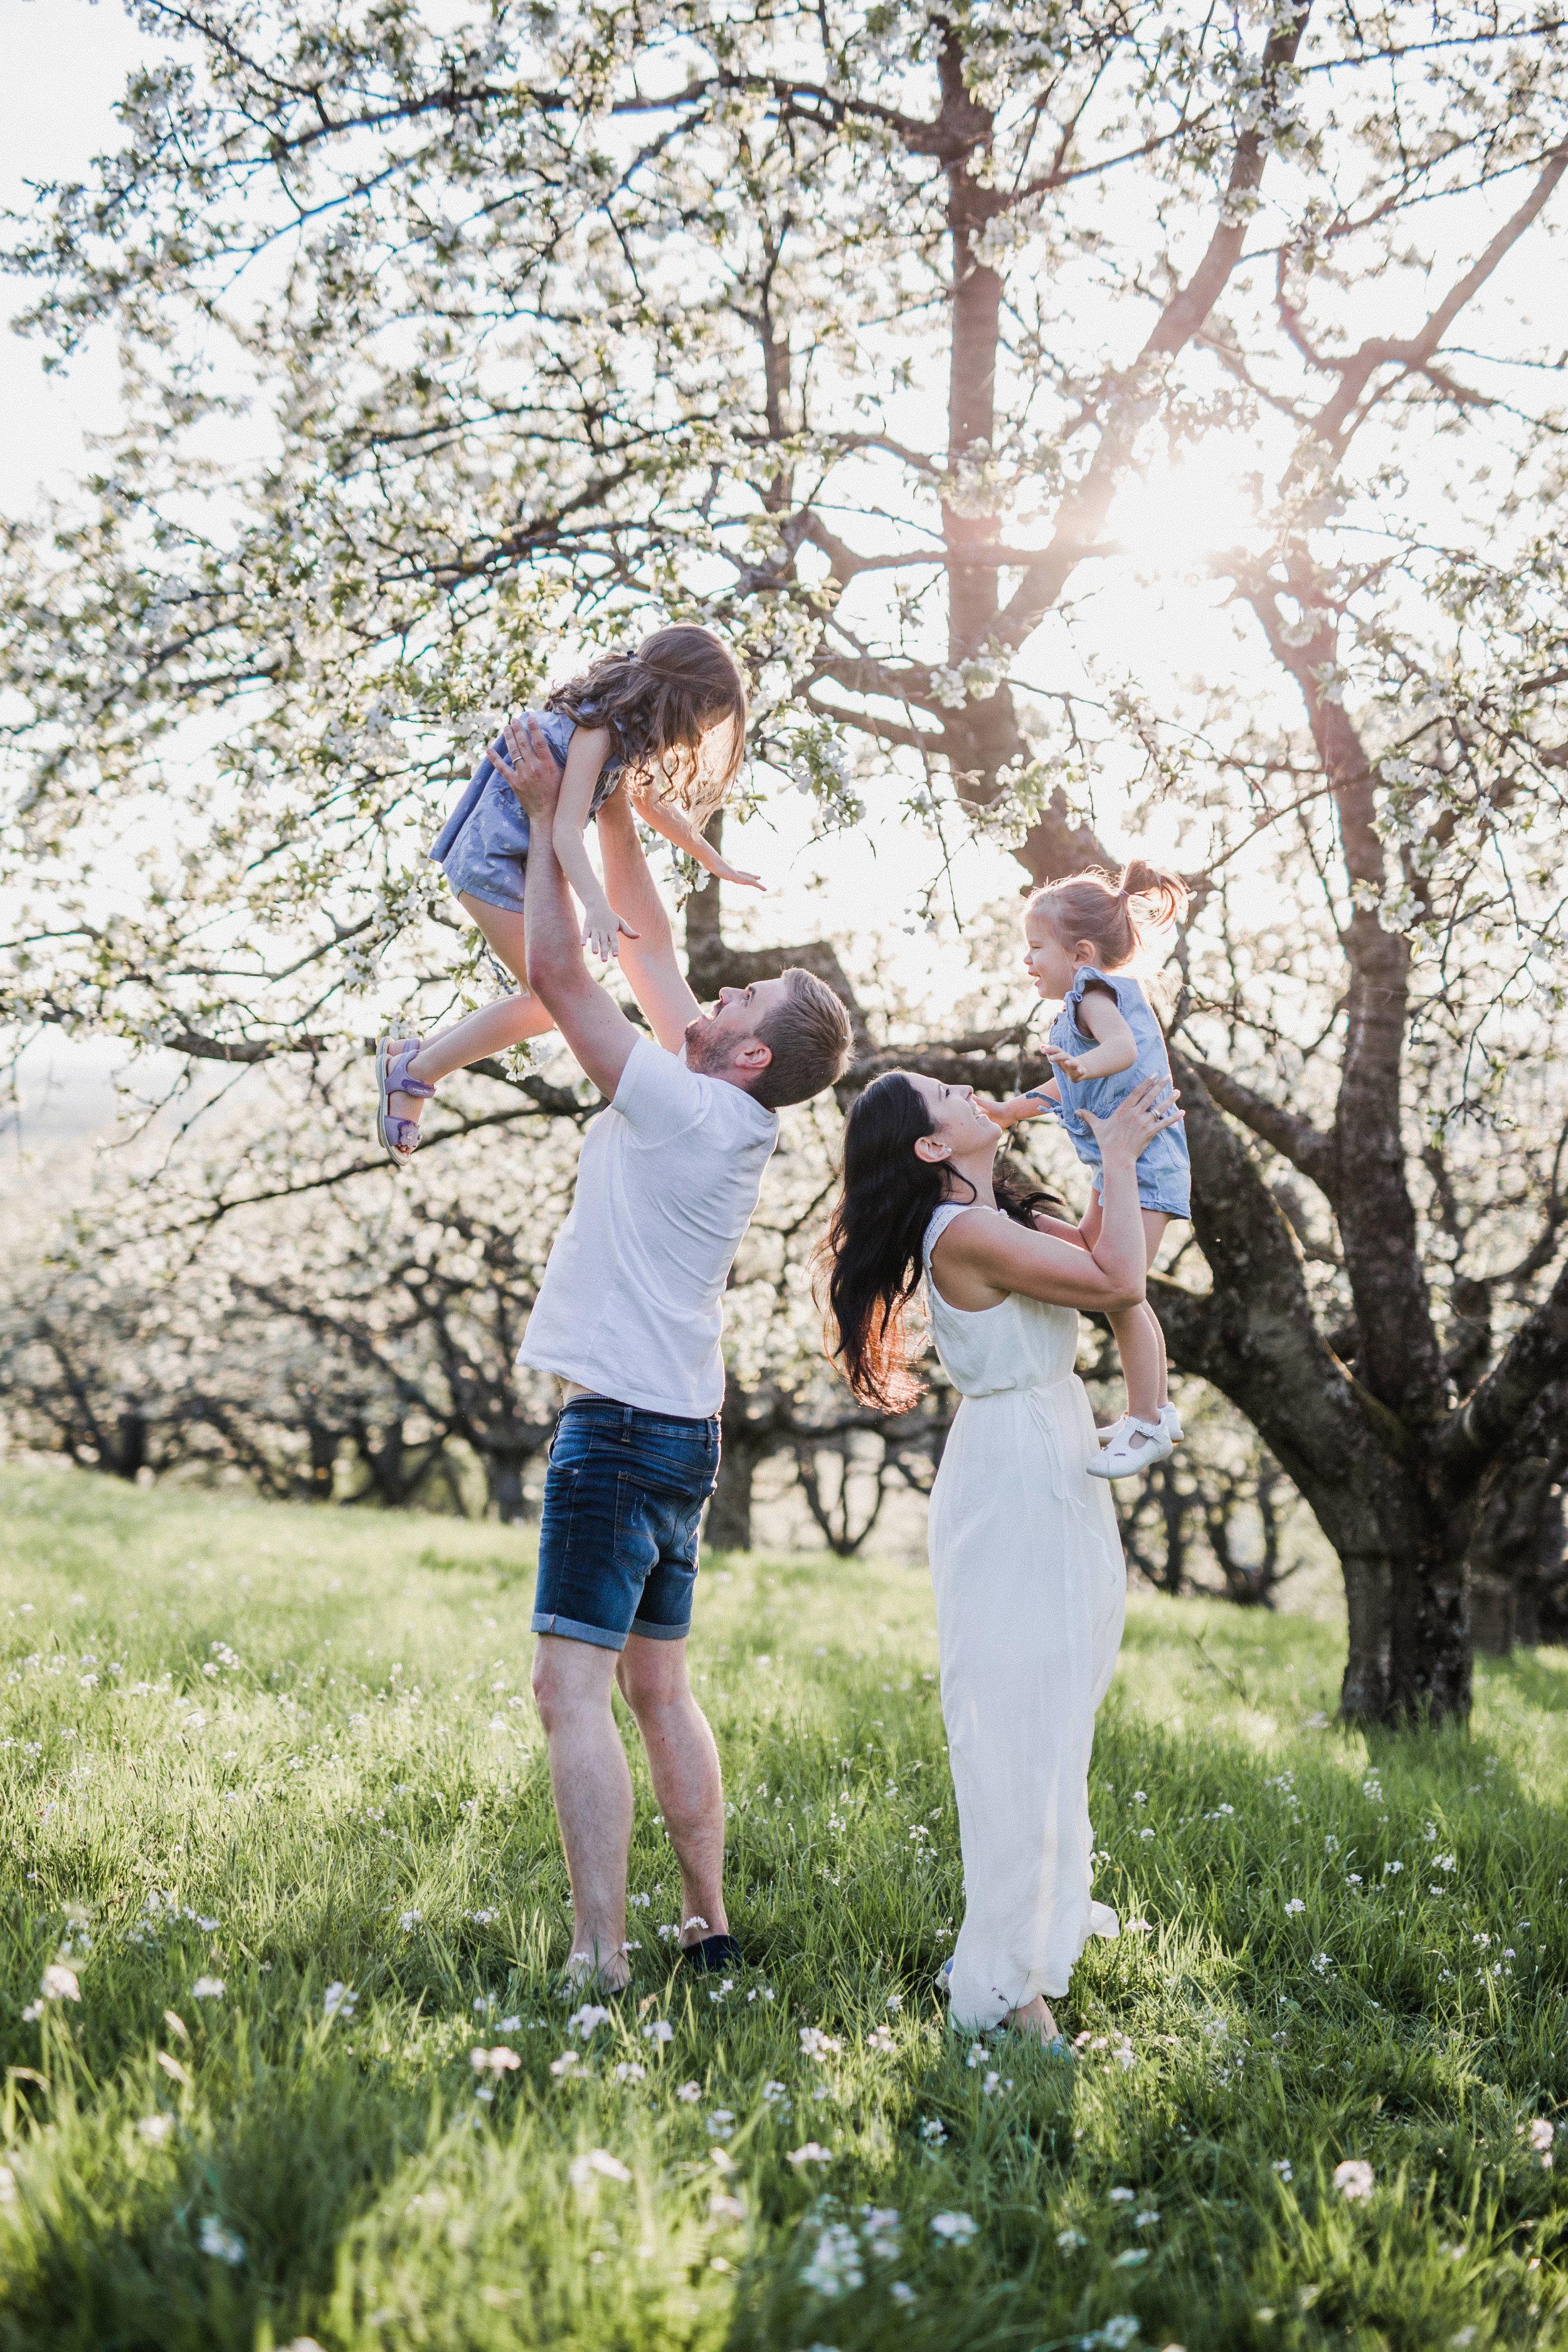 yessica-baur-fotografie-familie-mössingen-0188.JPG